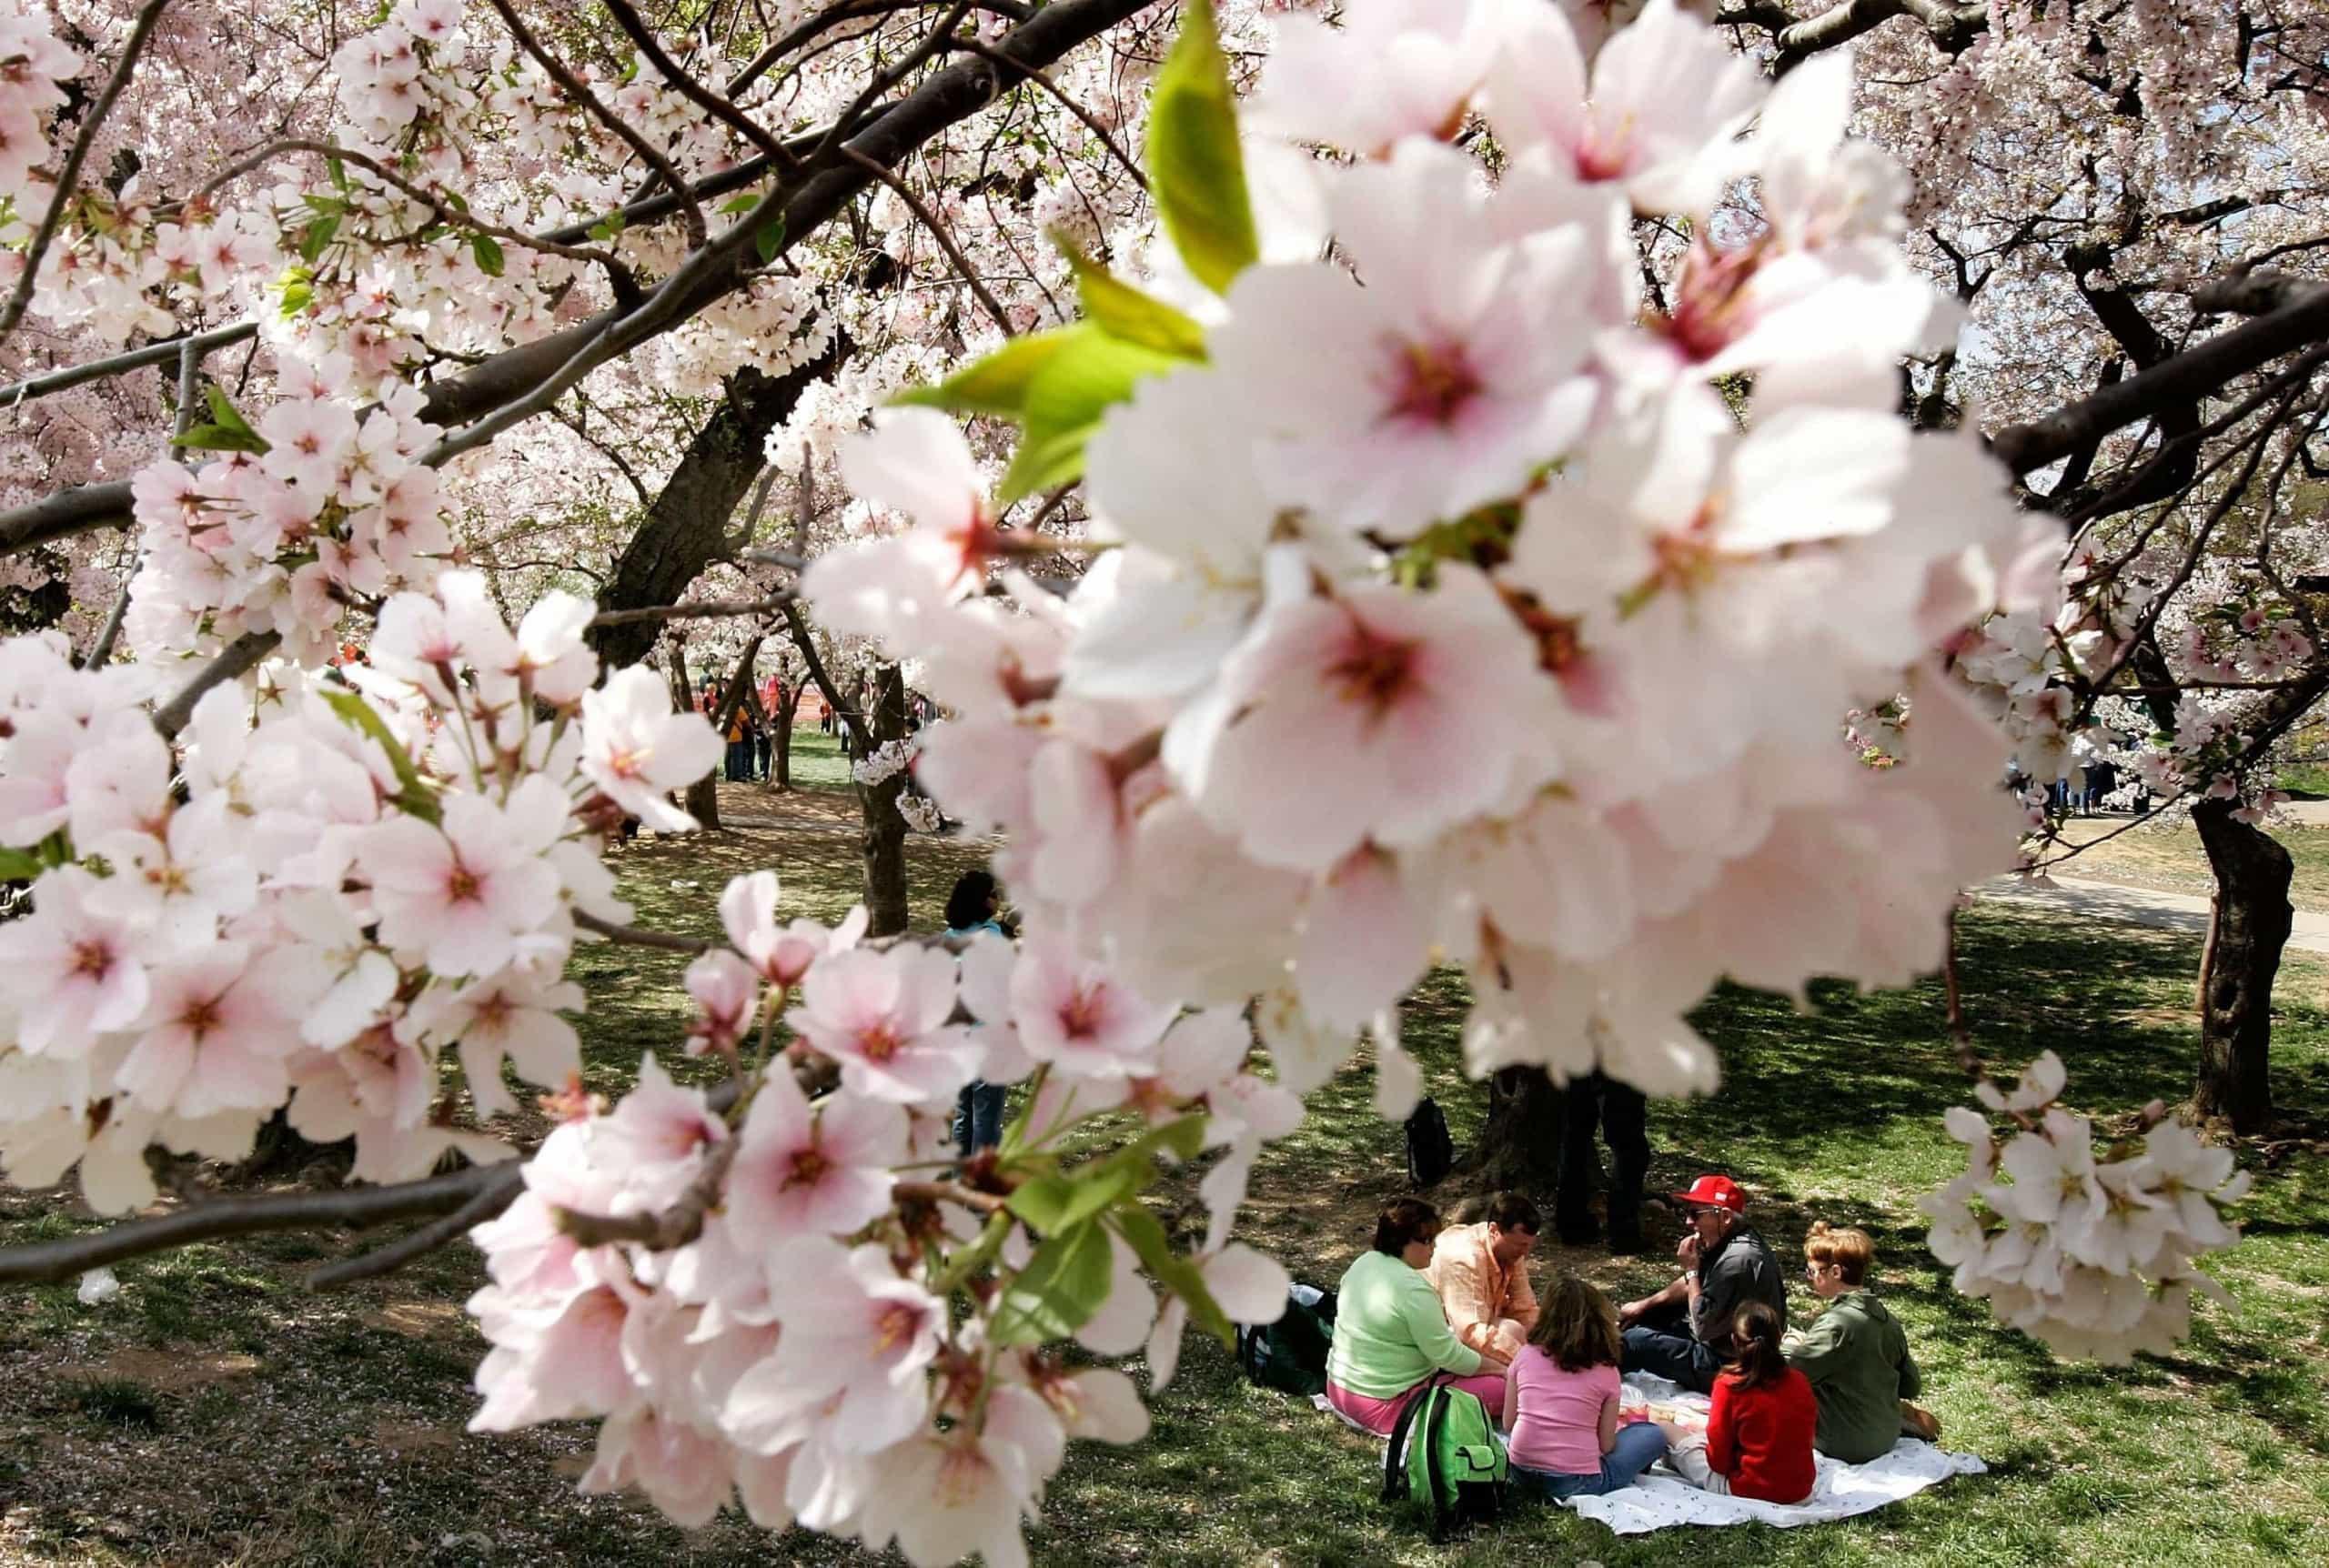 Destinos de sonho: A beleza da primavera pelo mundo